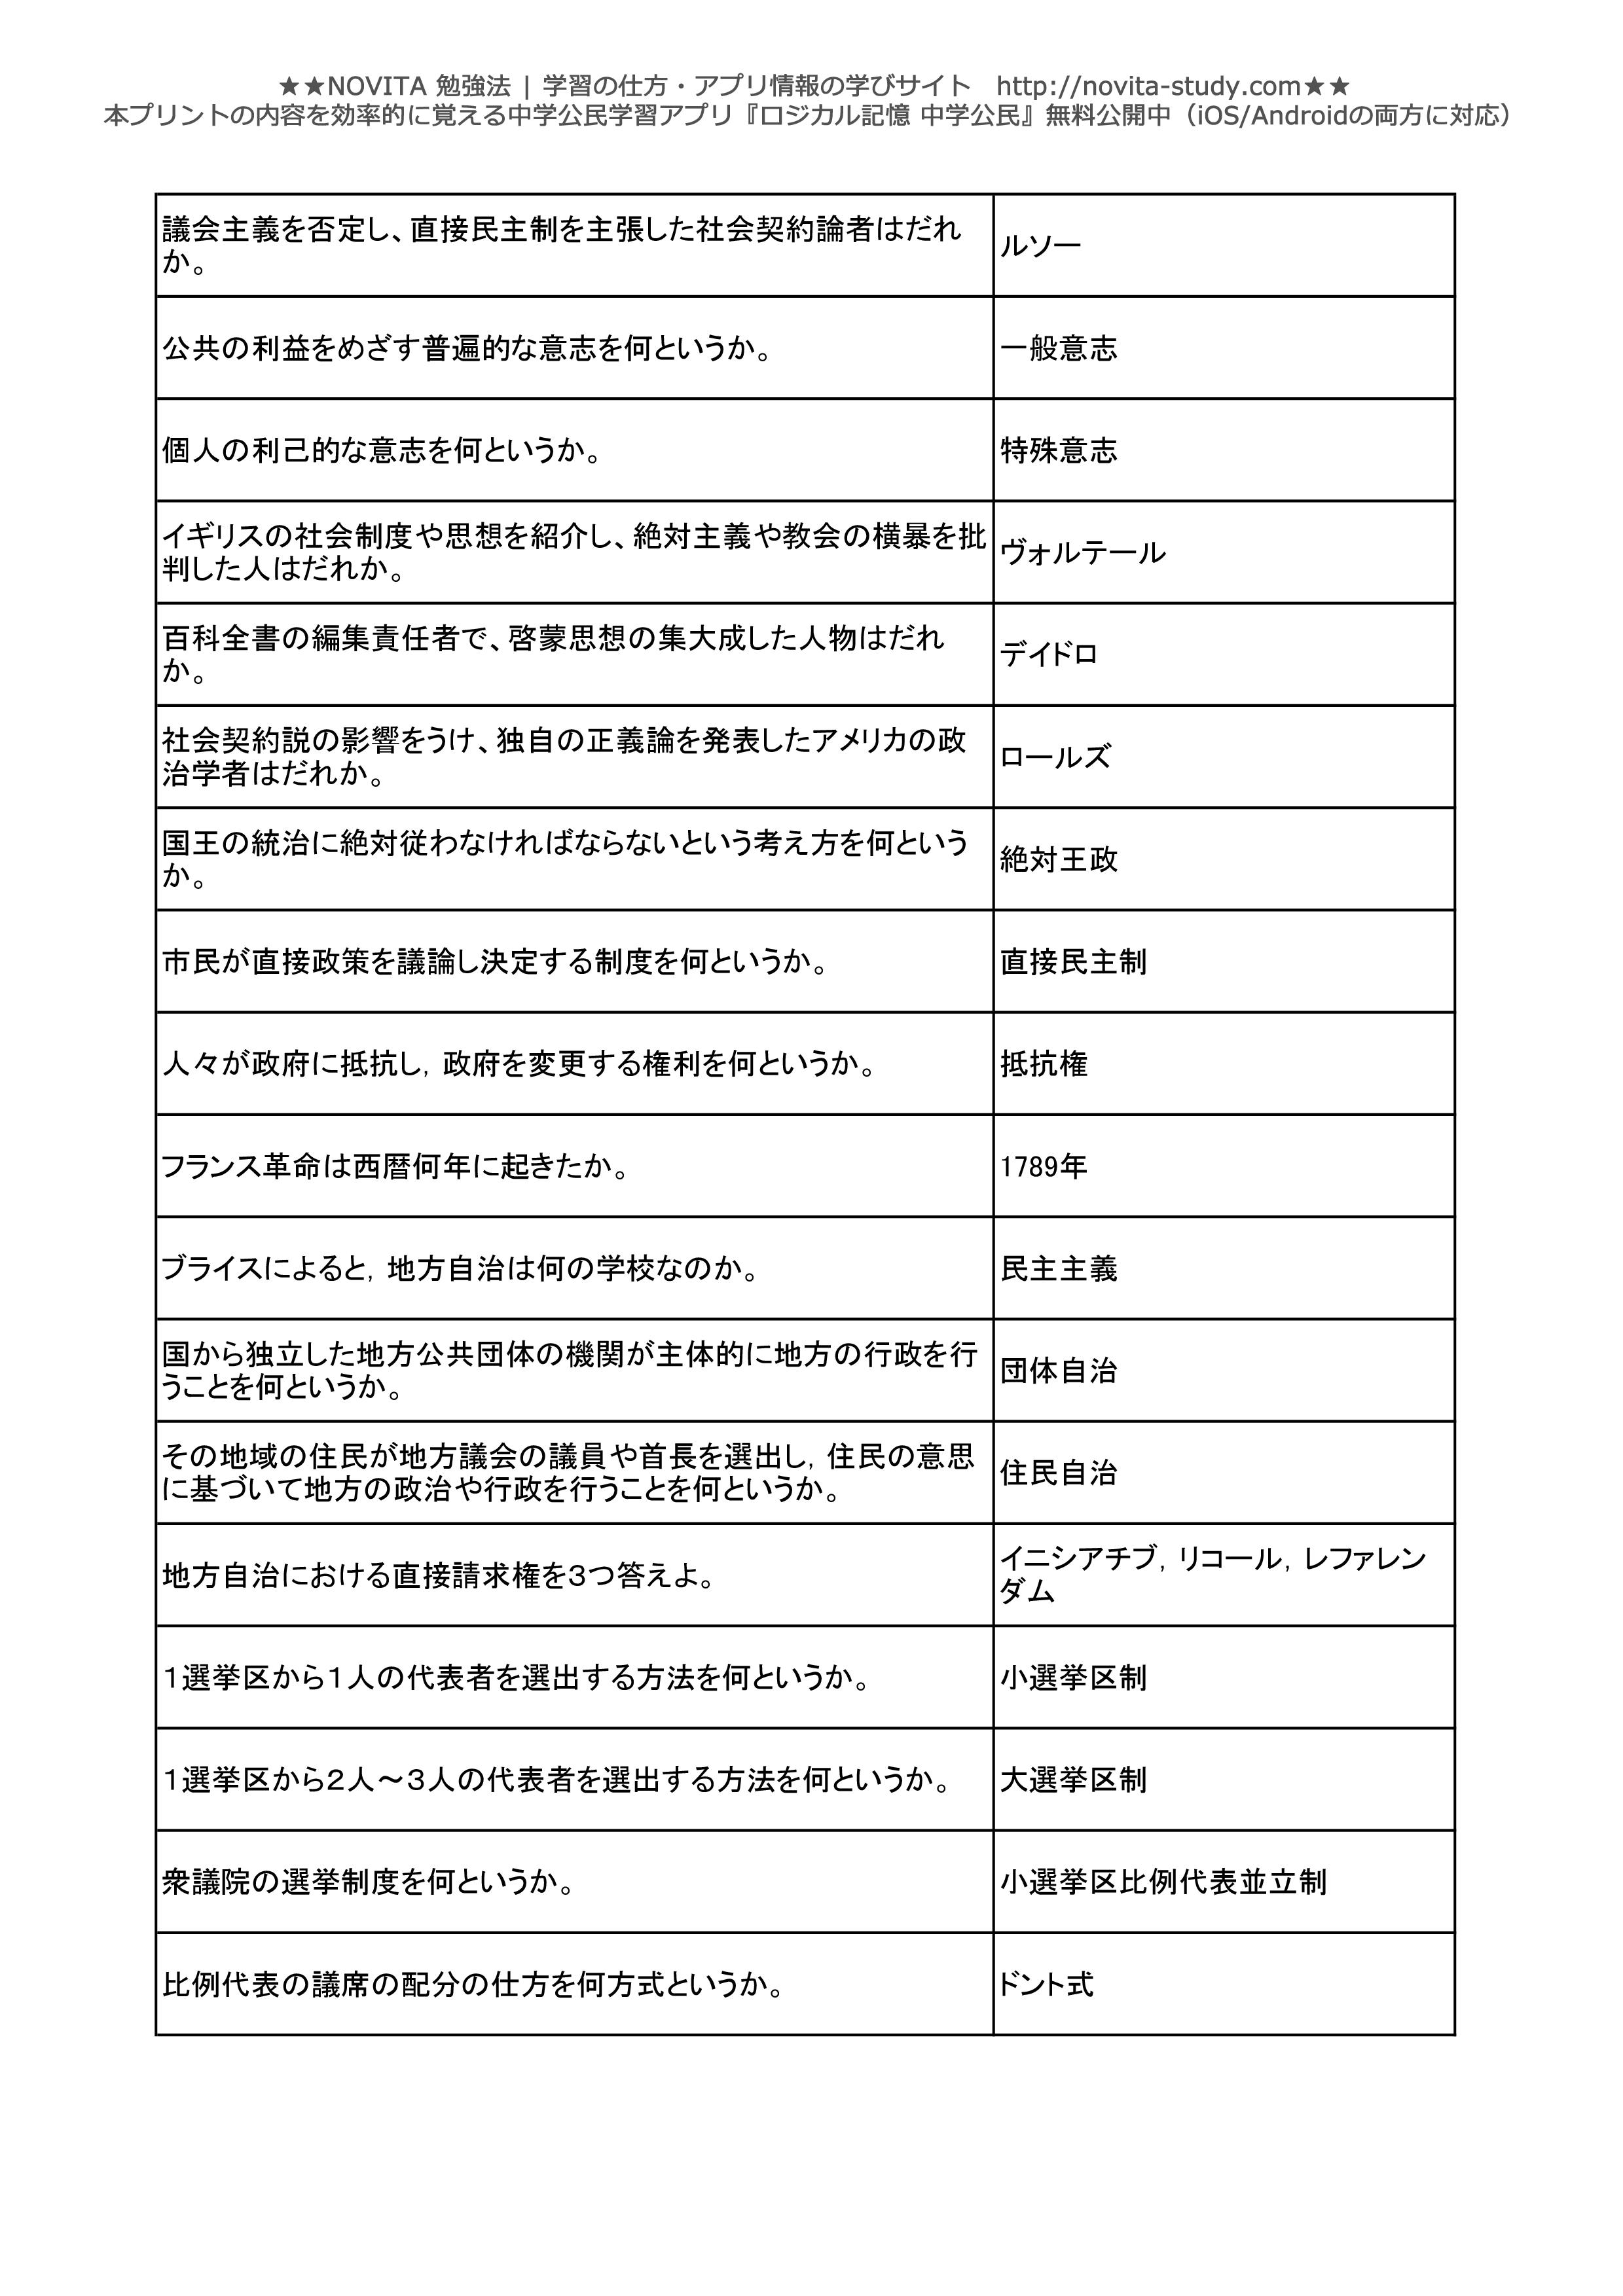 中学公民一問一答無料問題集-006